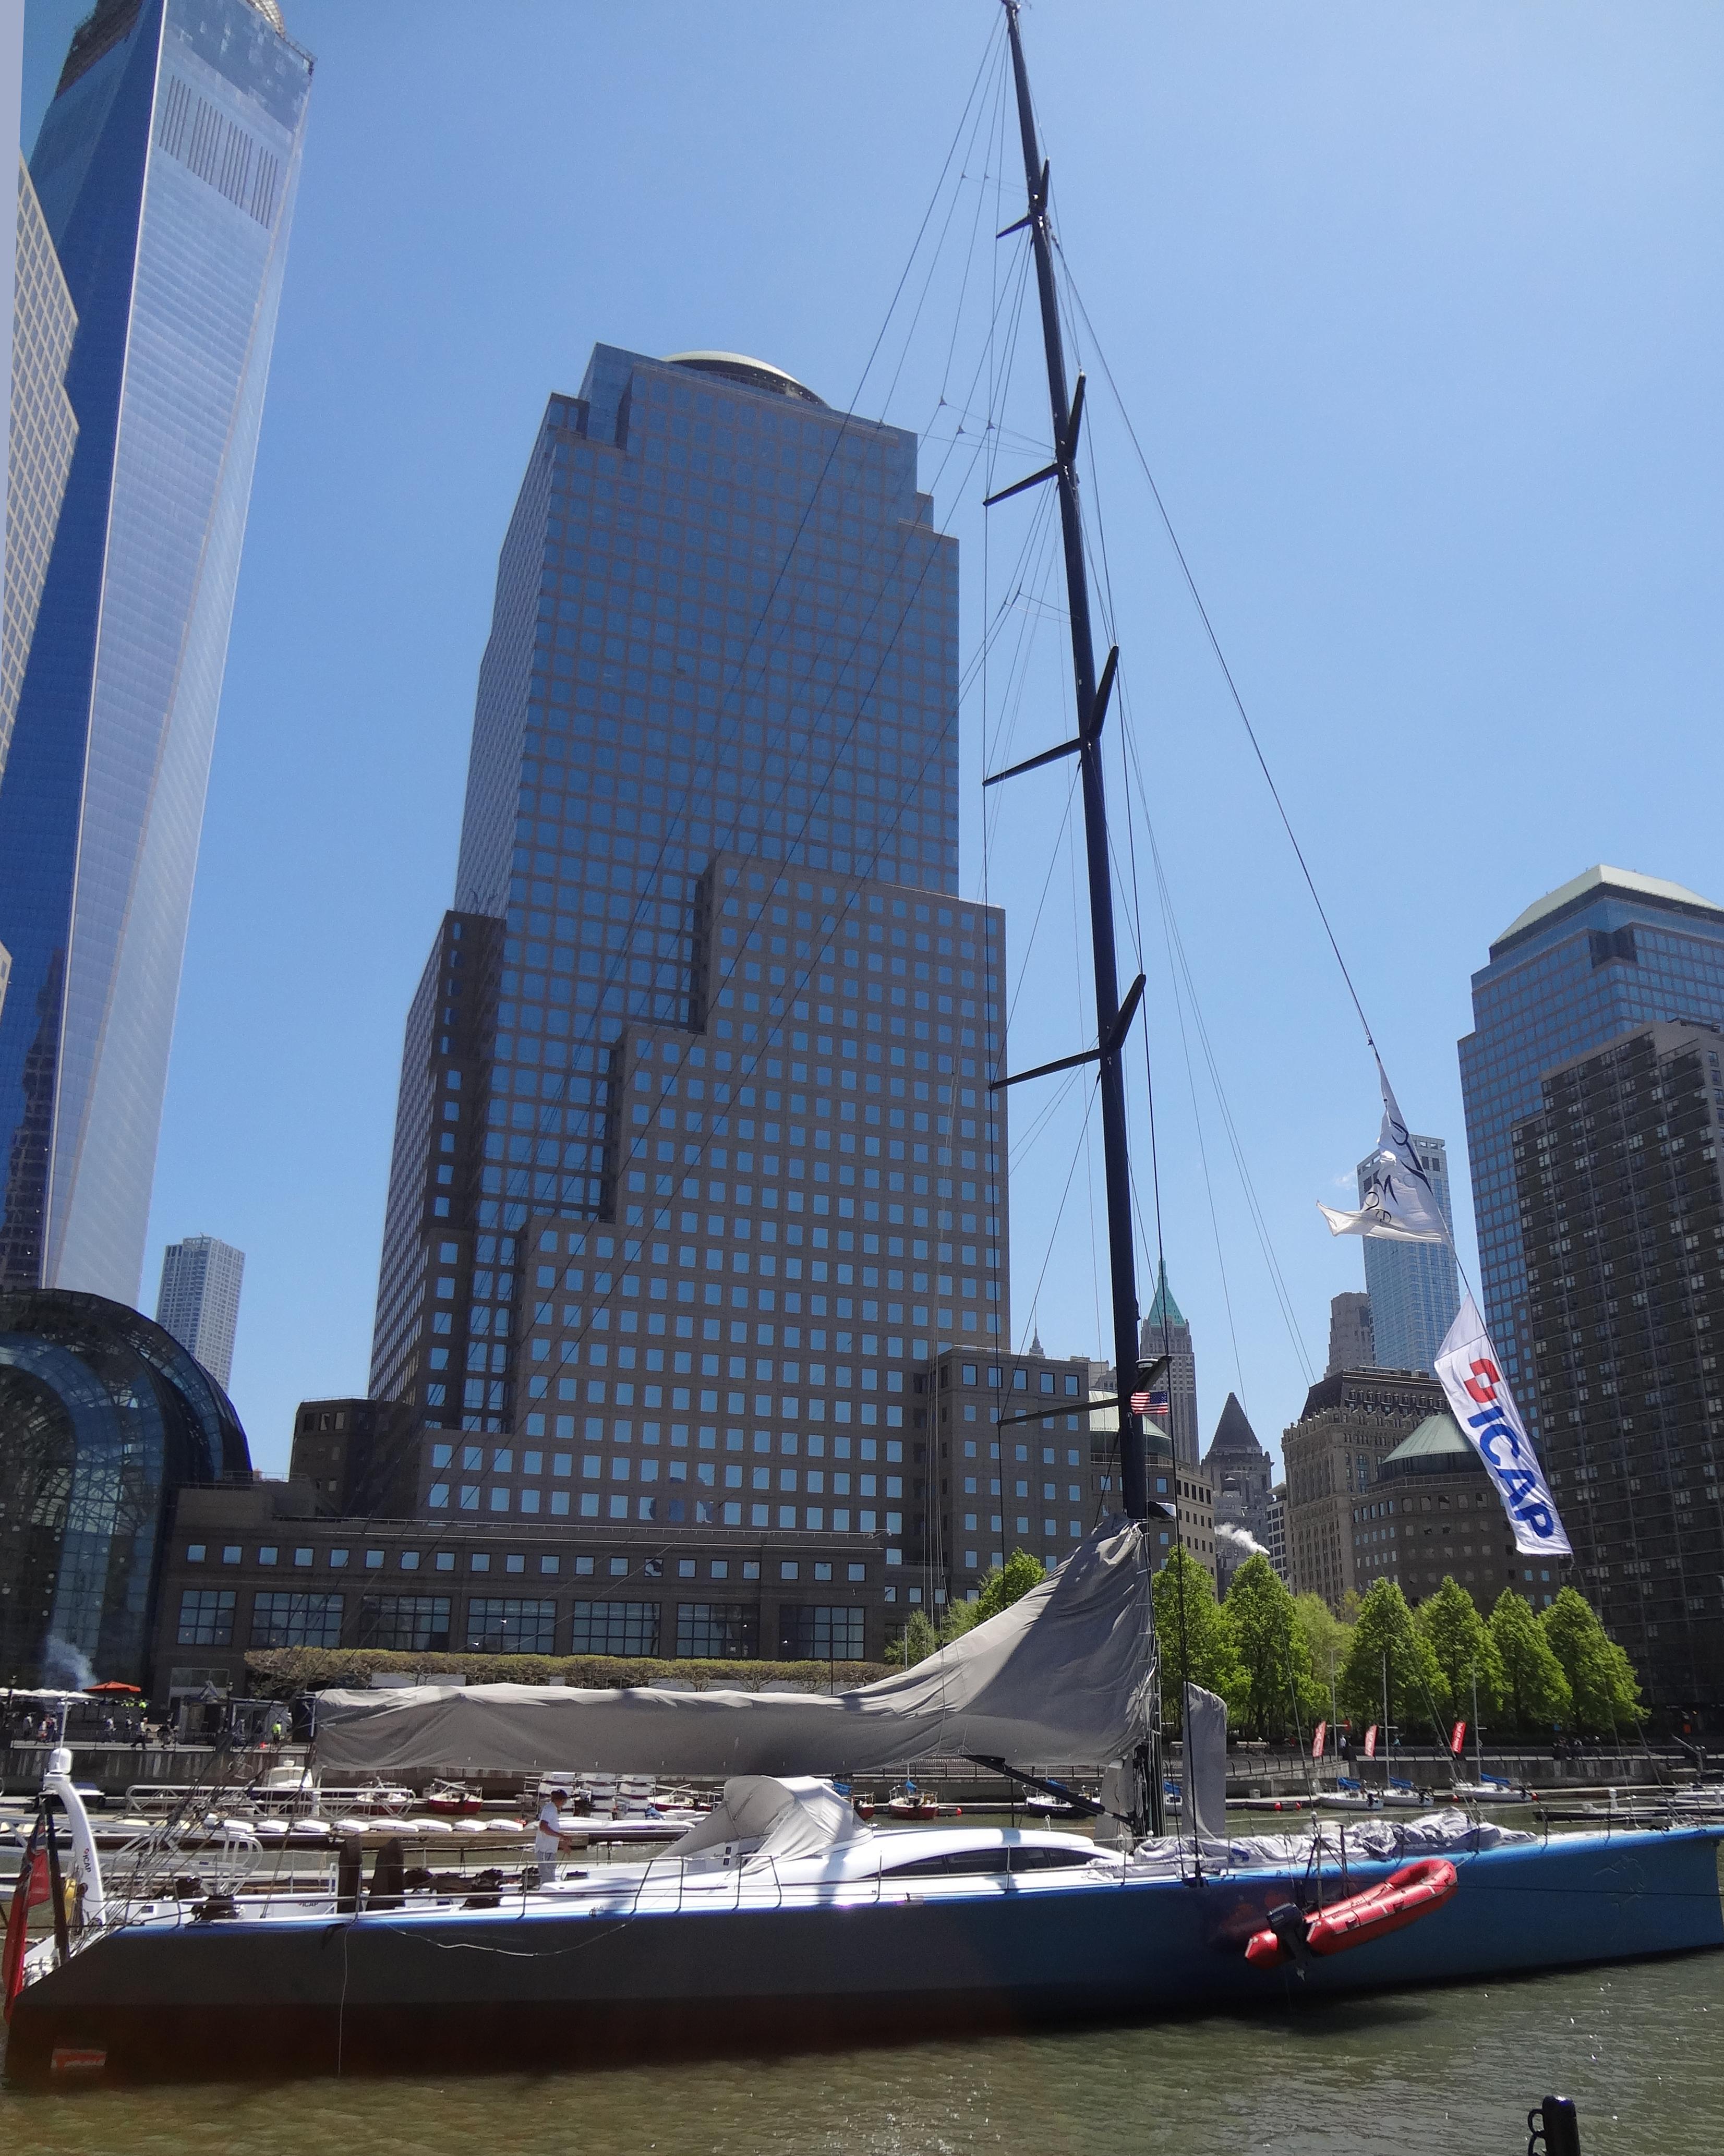 Boat tall